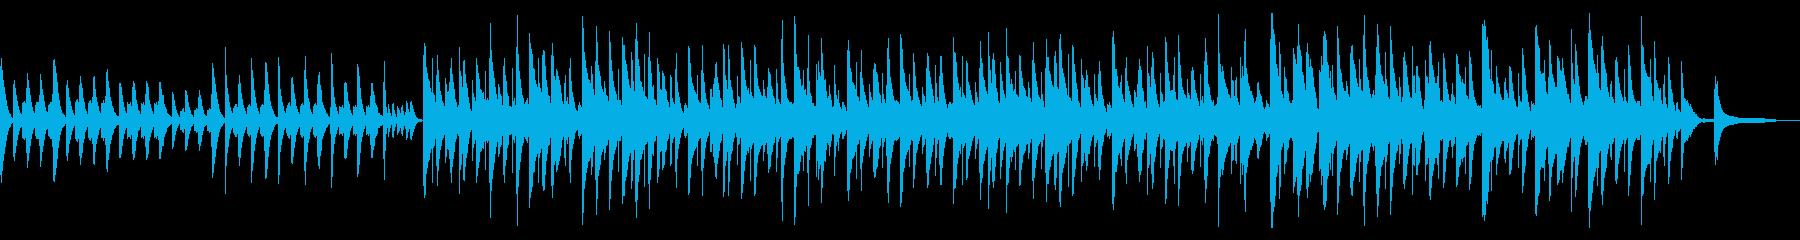 かわいくてオシャレなシャッフルのBGMの再生済みの波形